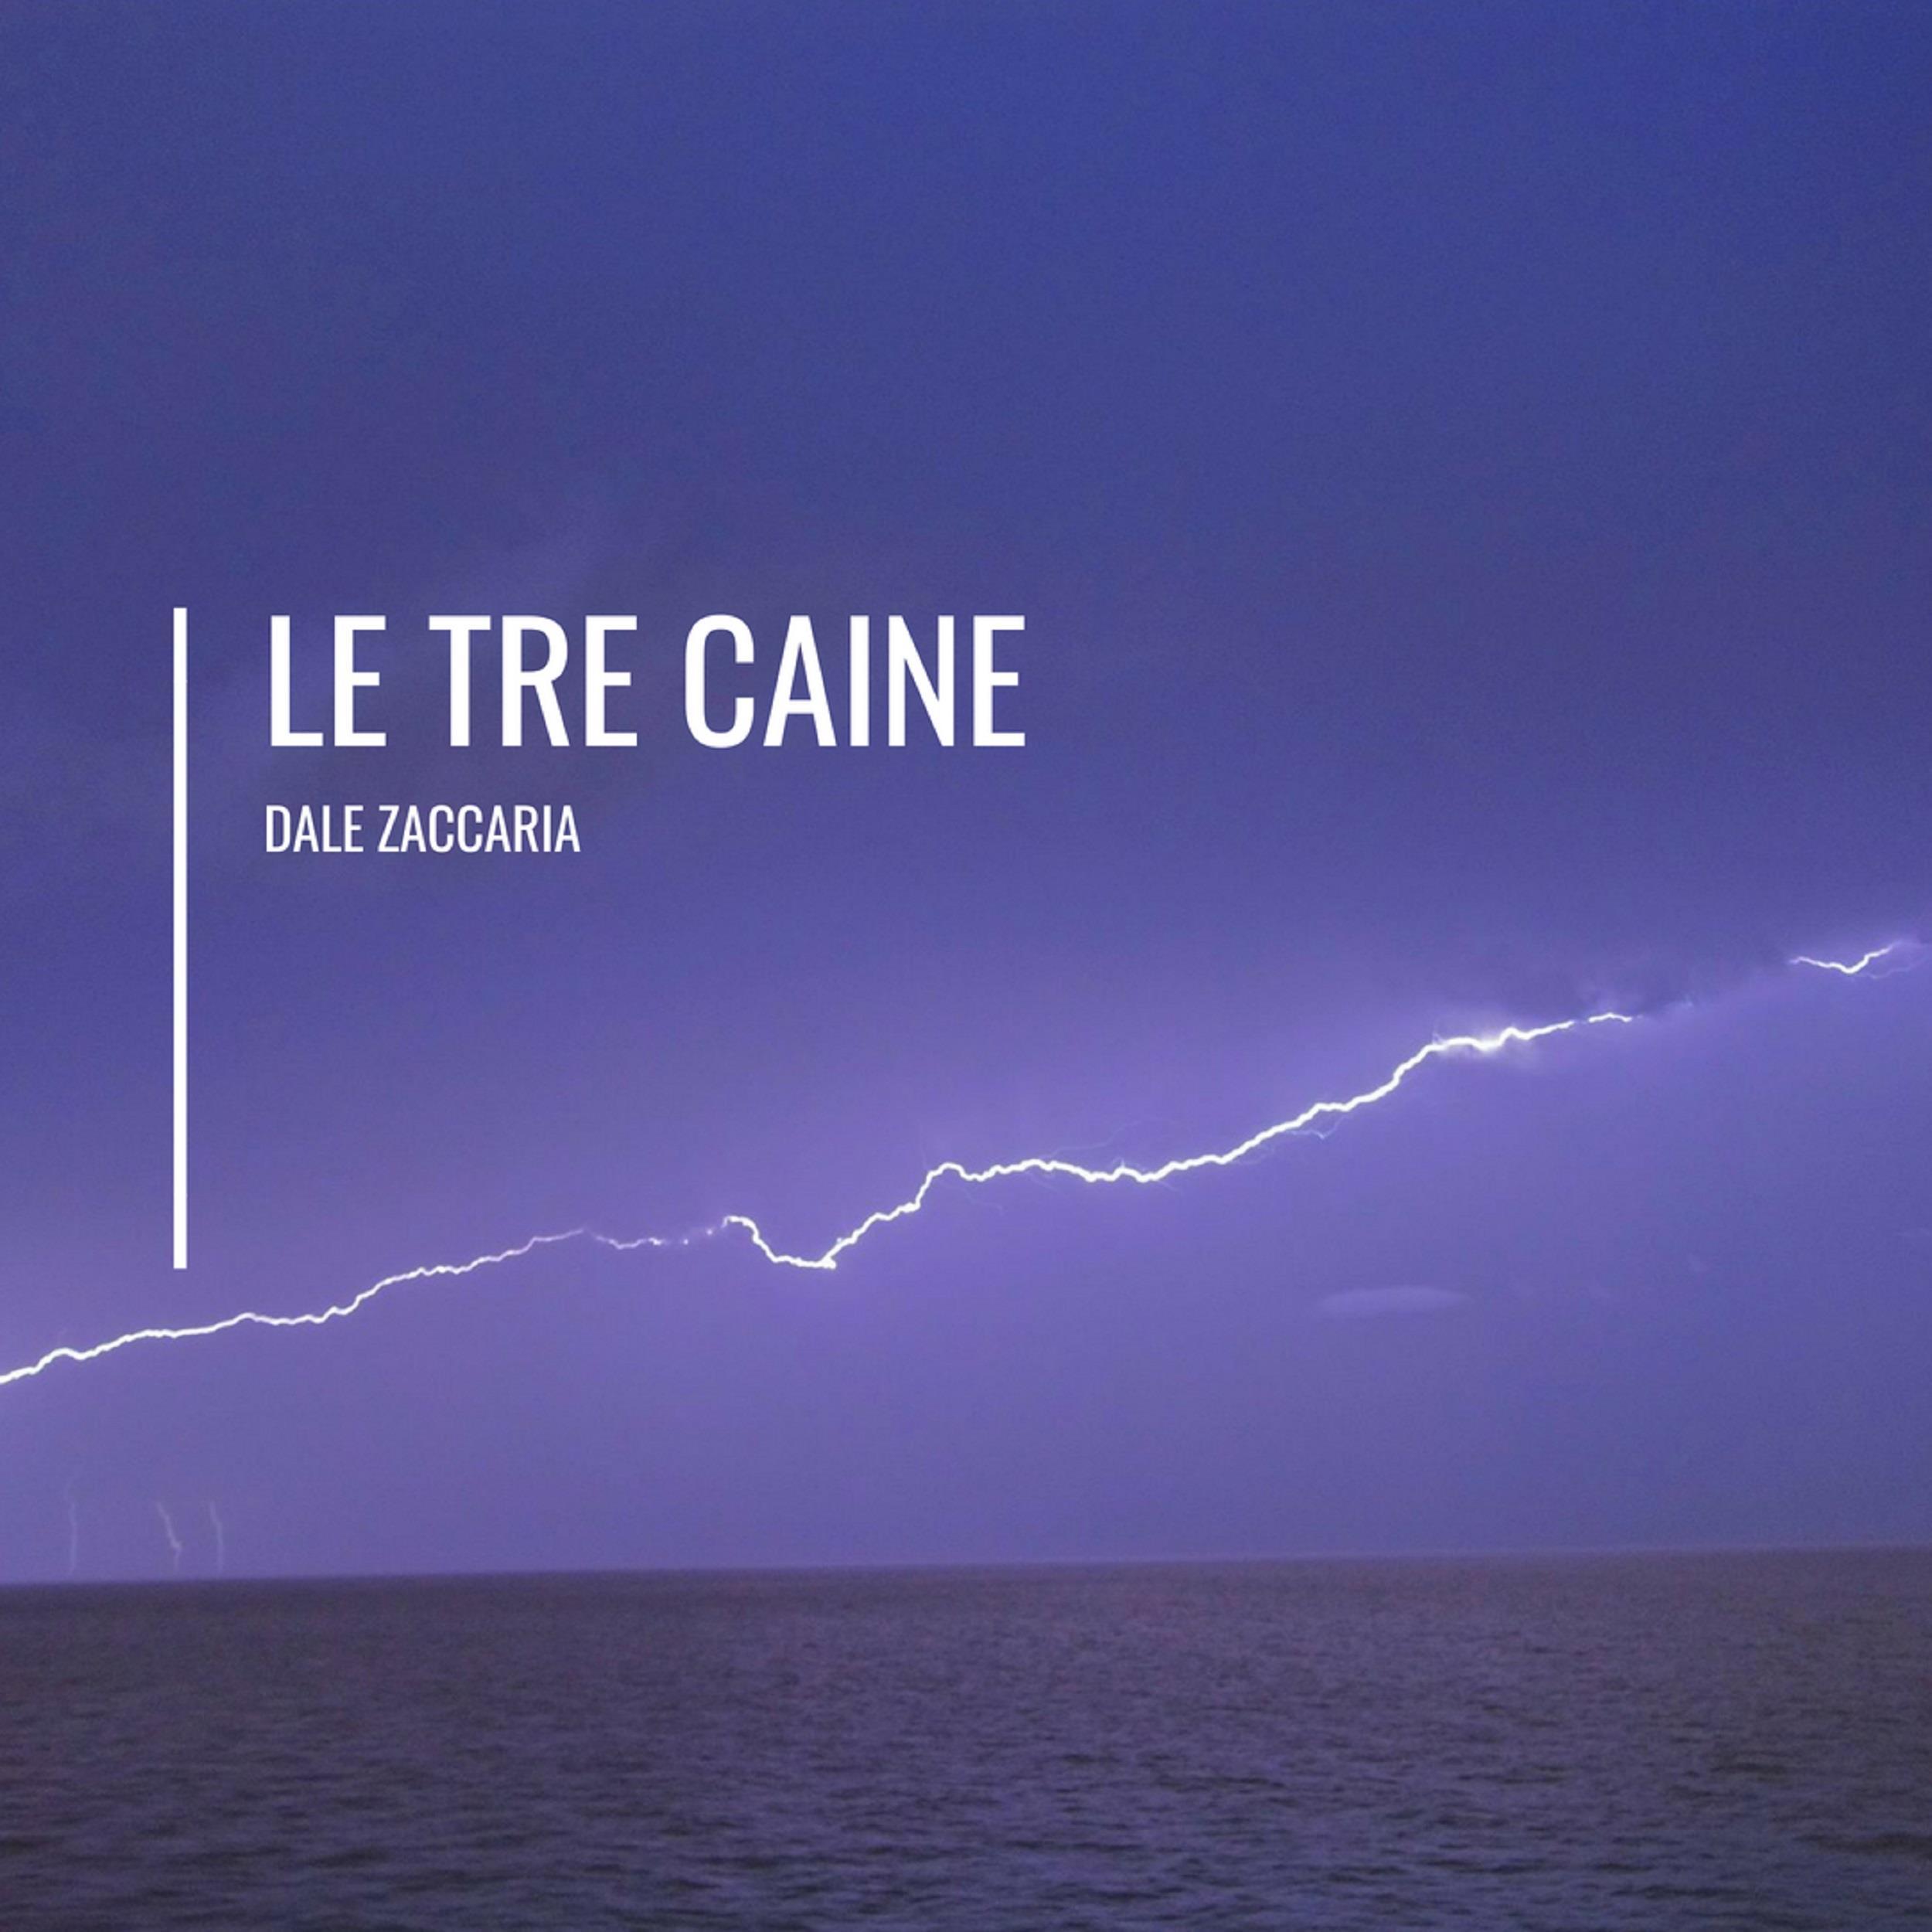 Le Tre Caine